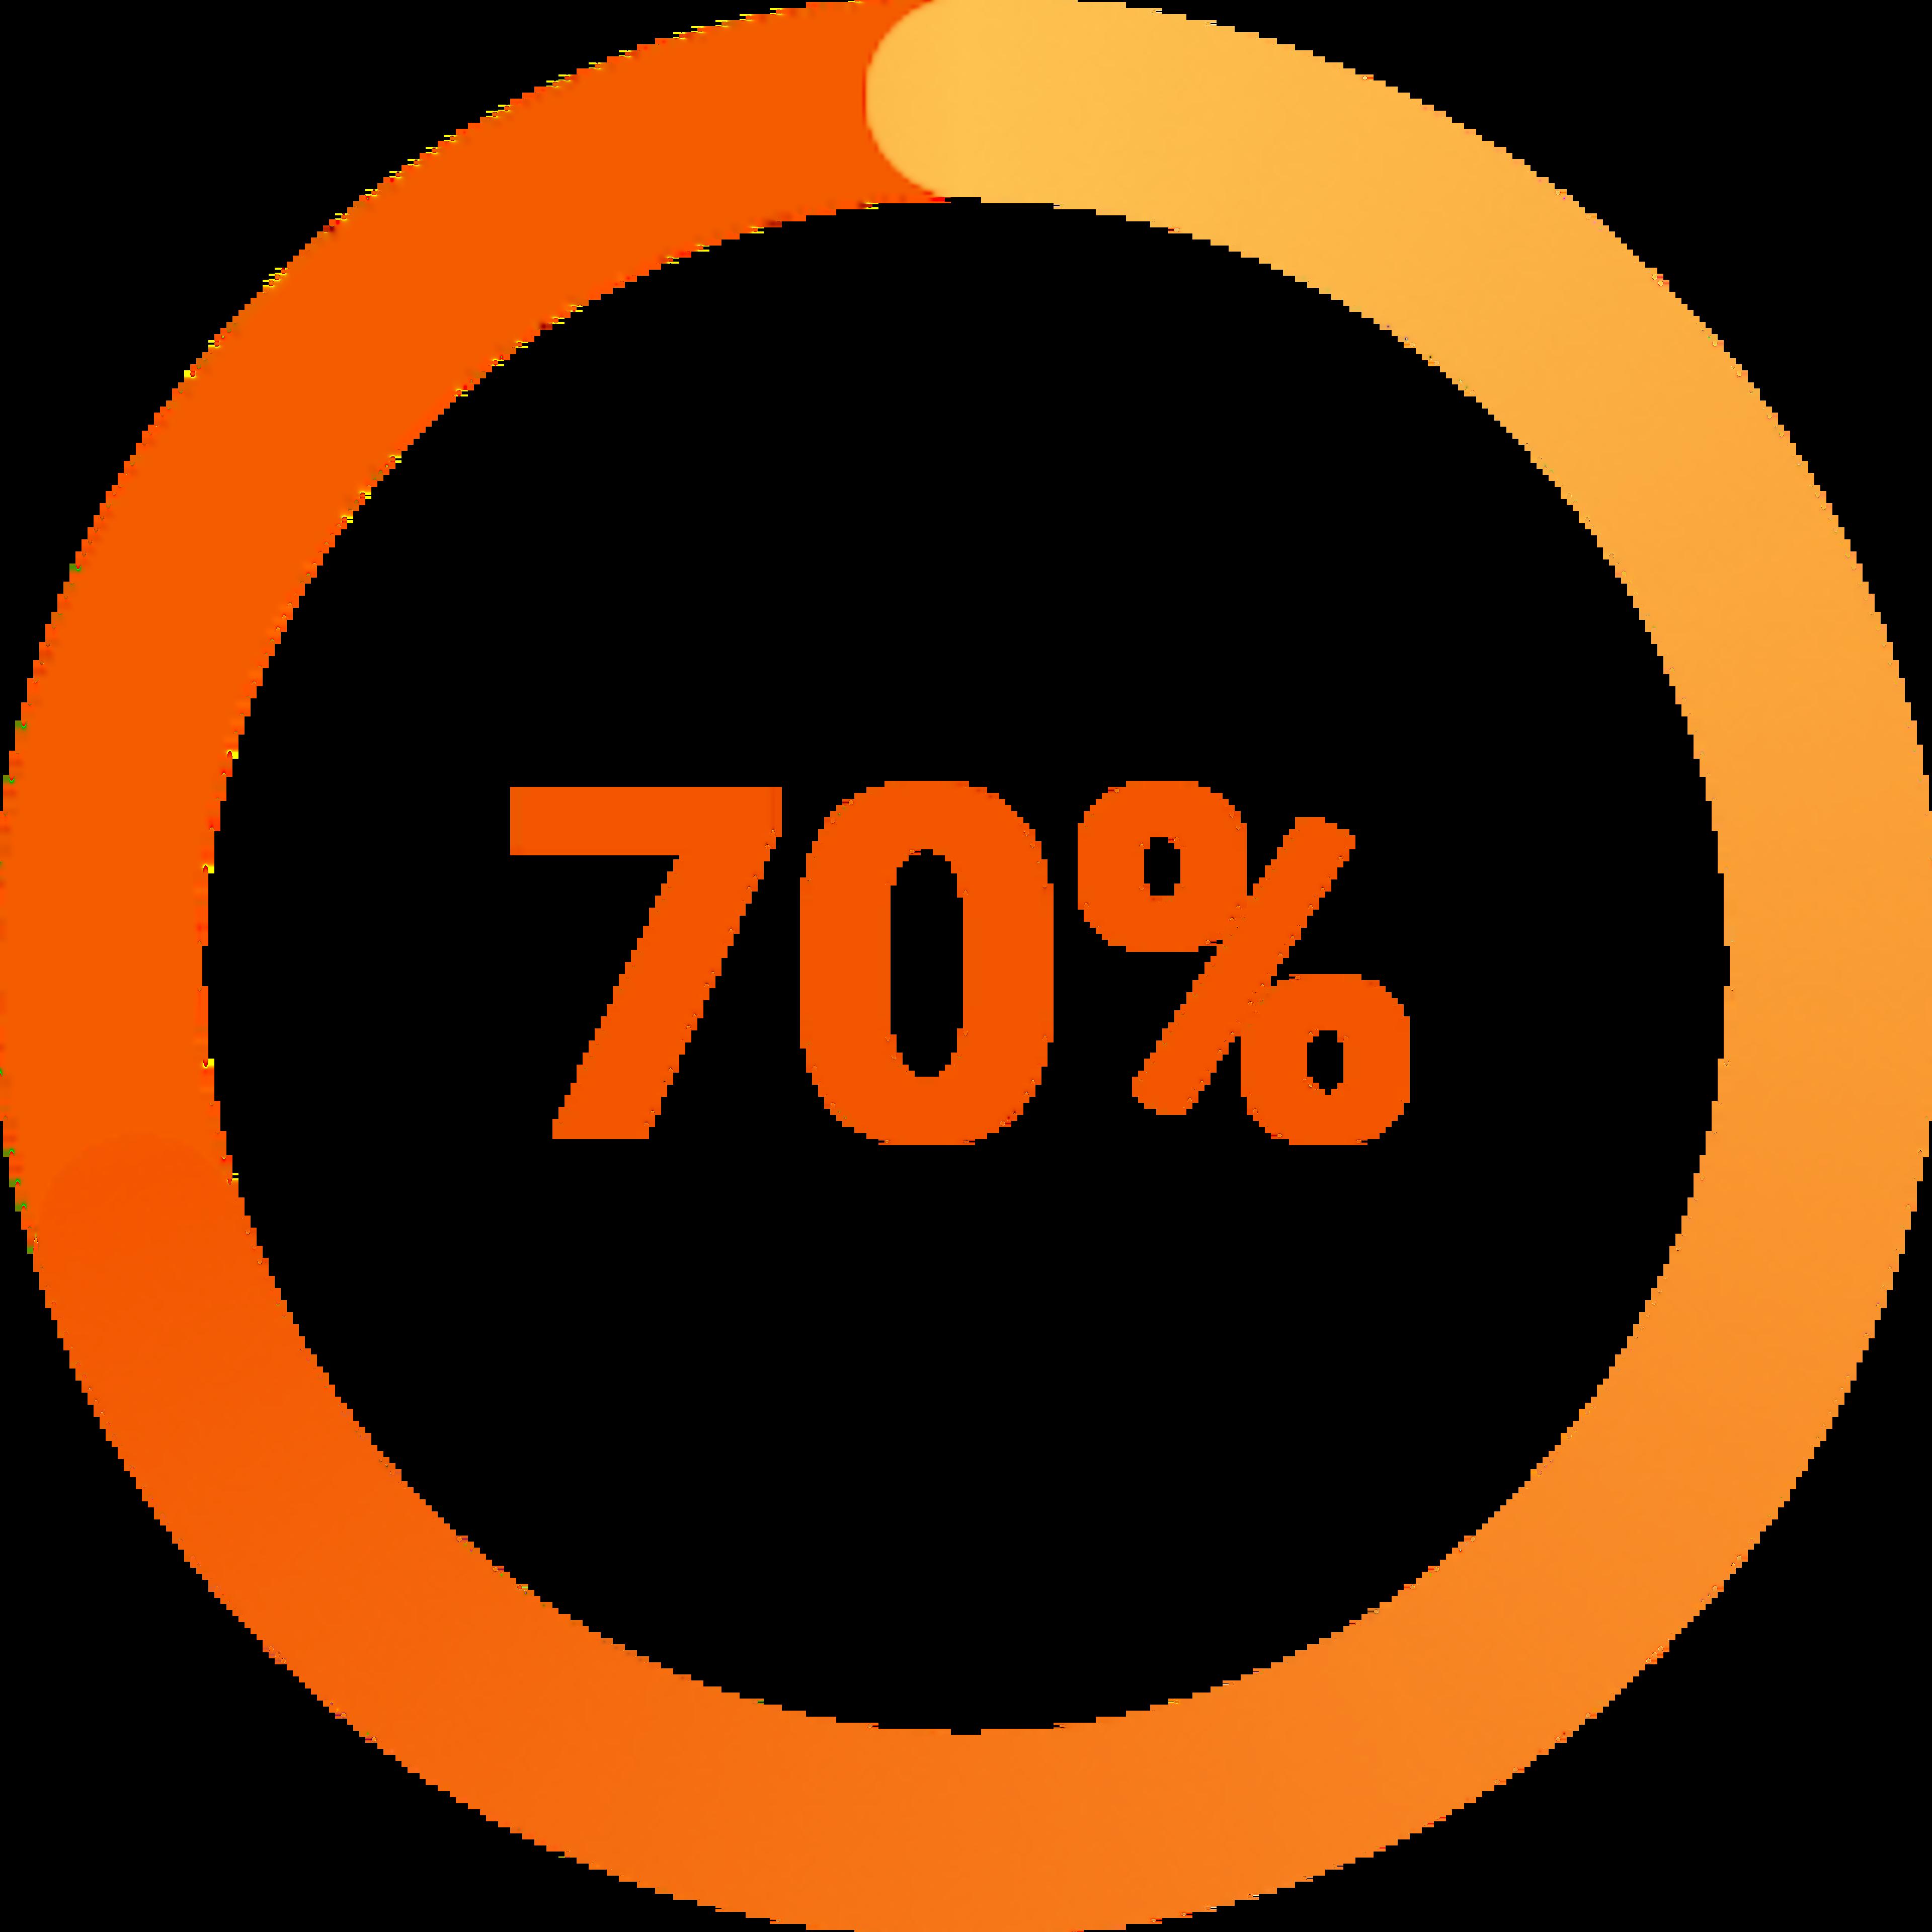 percent-70